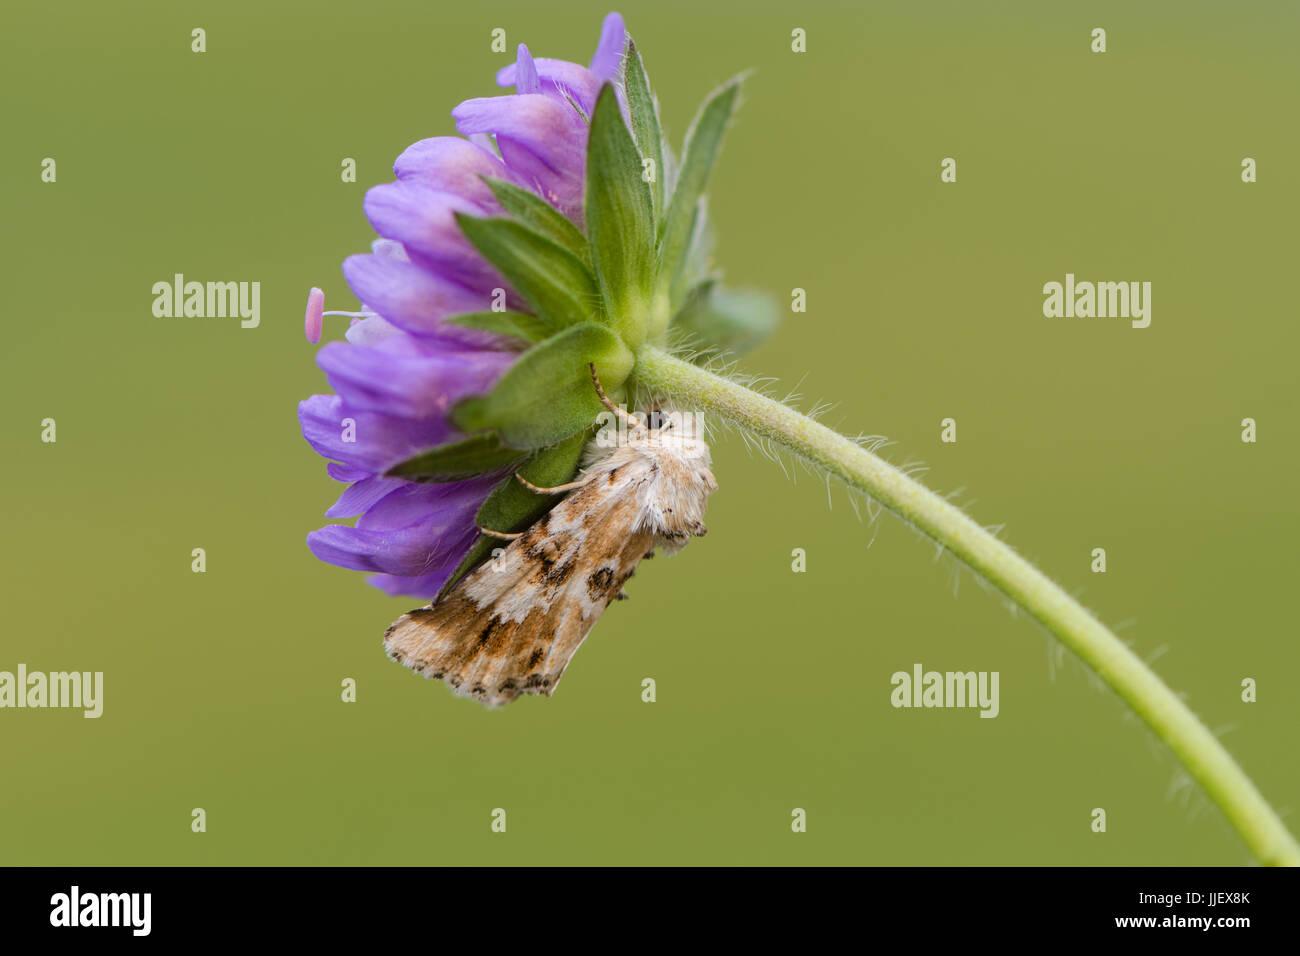 Dusky sallow moth (Eremobia ochroleuca) on flower. British moth in the family Noctuidae, at rest on devil's - Stock Image